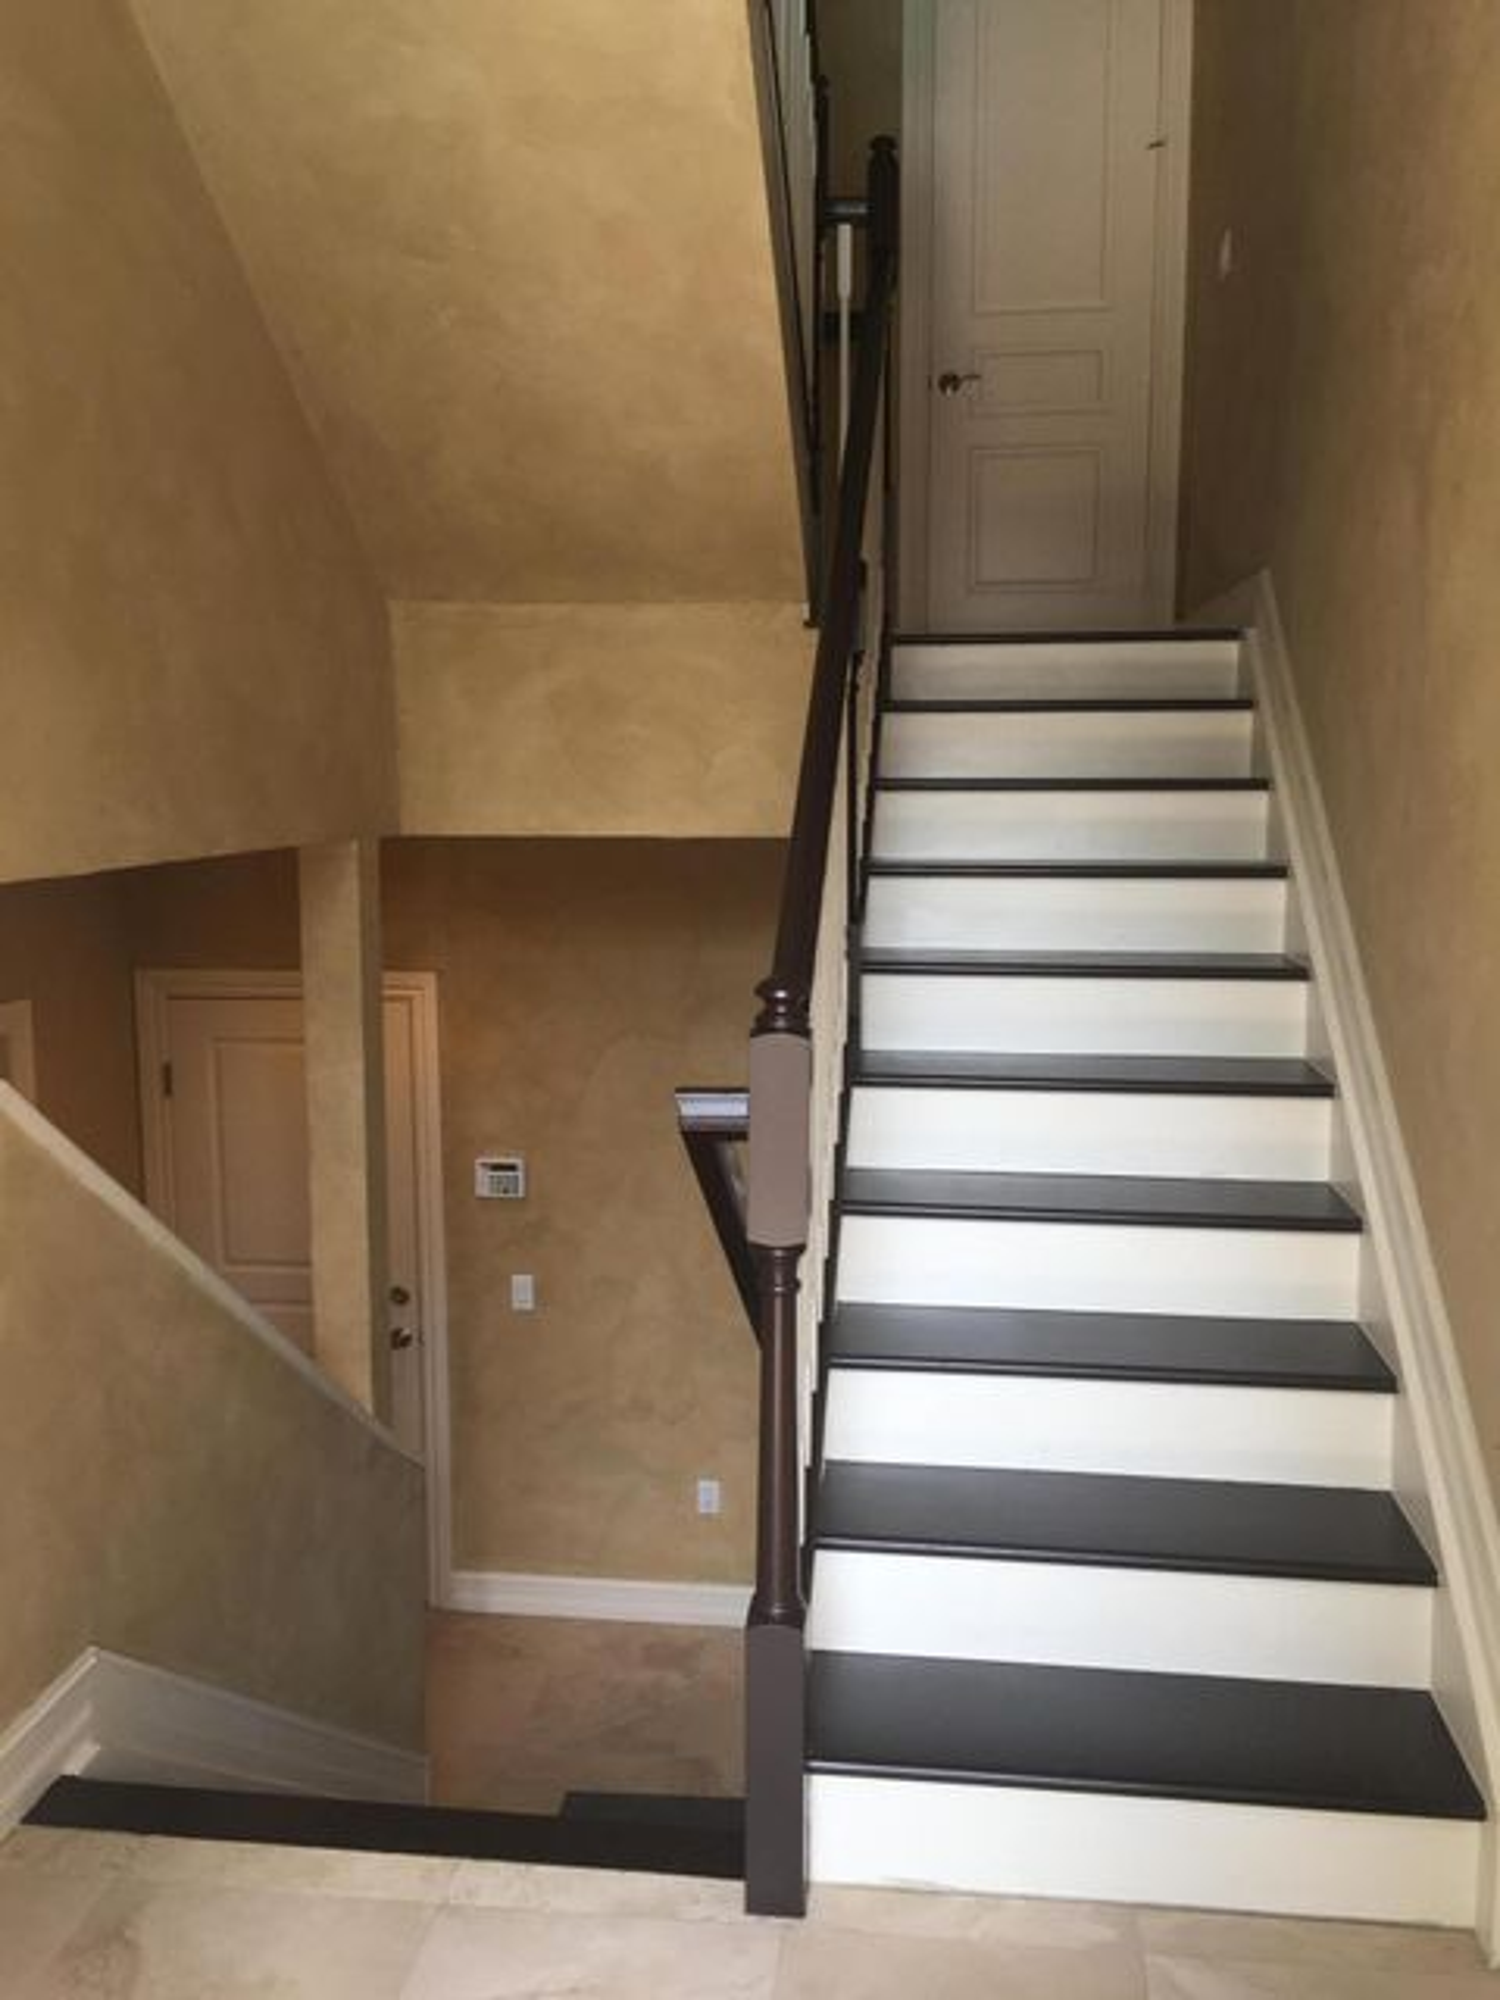 Additional photo for property listing at 624 Renaissance Way  Delray Beach, Florida 33483 Estados Unidos